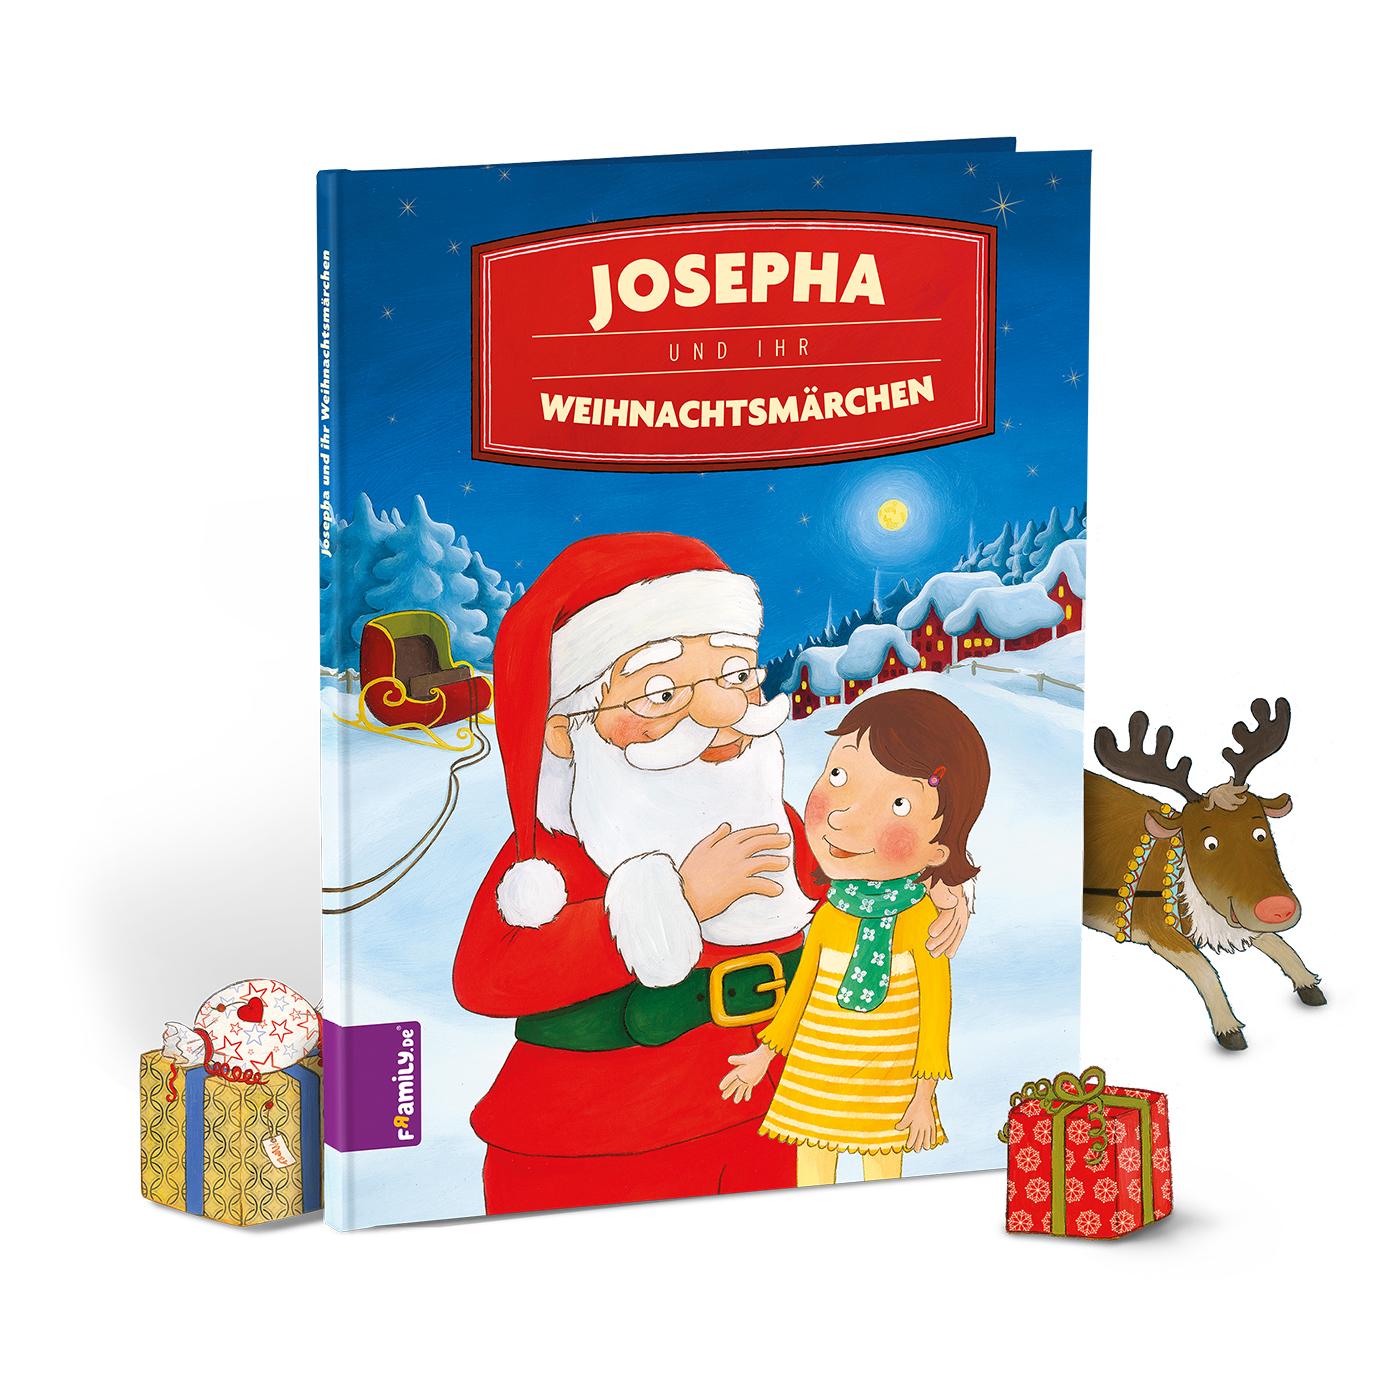 Weihnachtsbuch - personalisierte Kinderbuecher